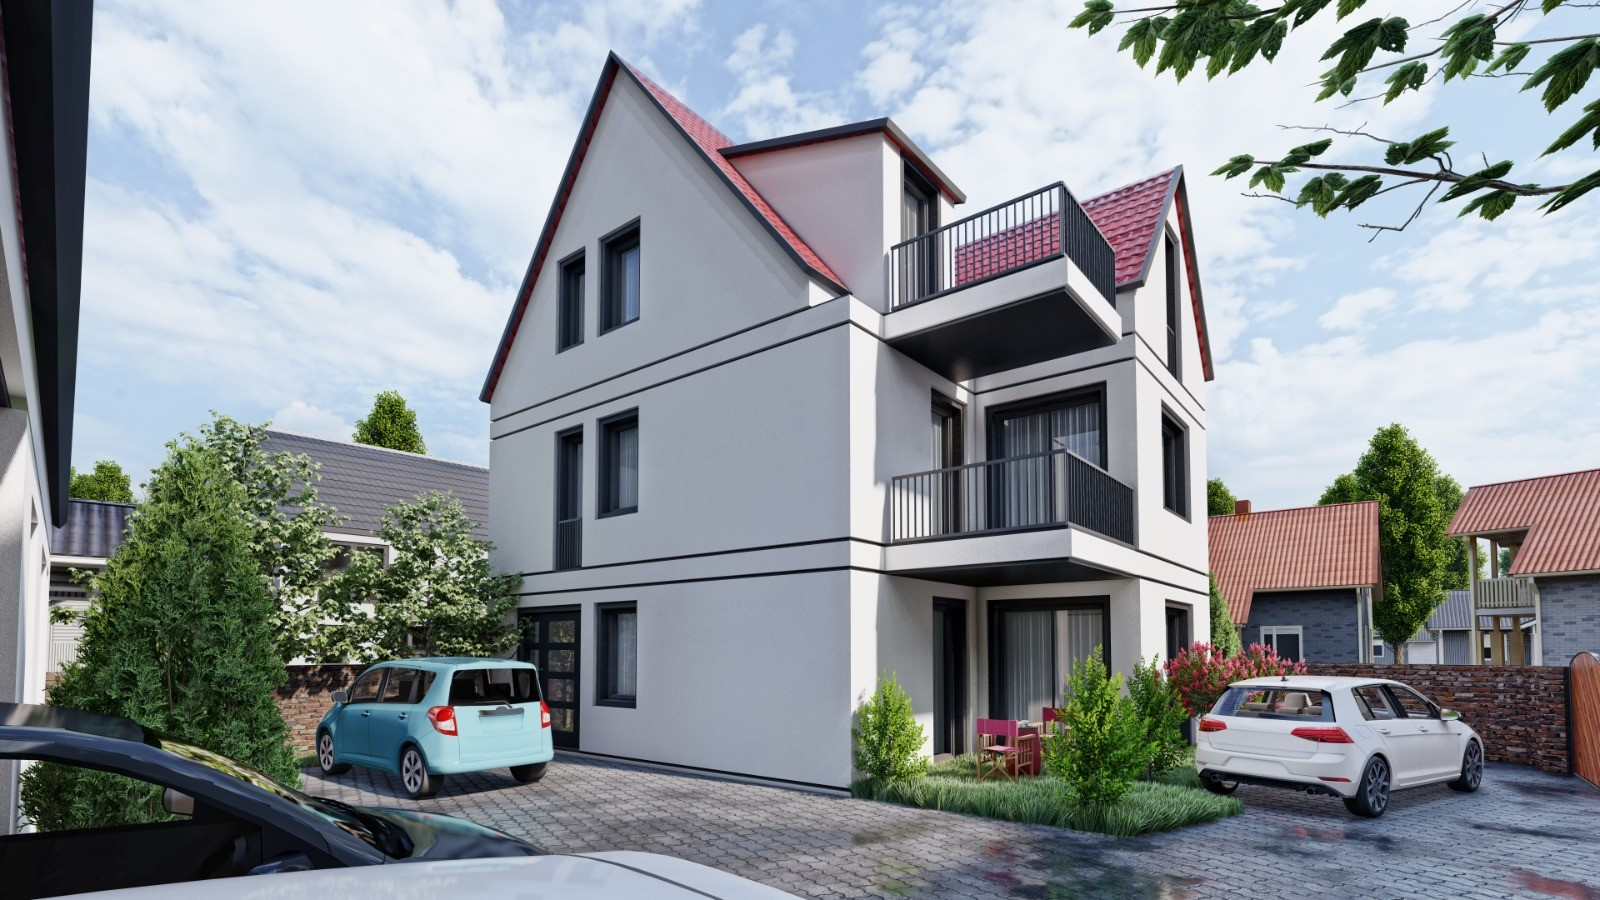 3 Familienhaus Marienstrasse